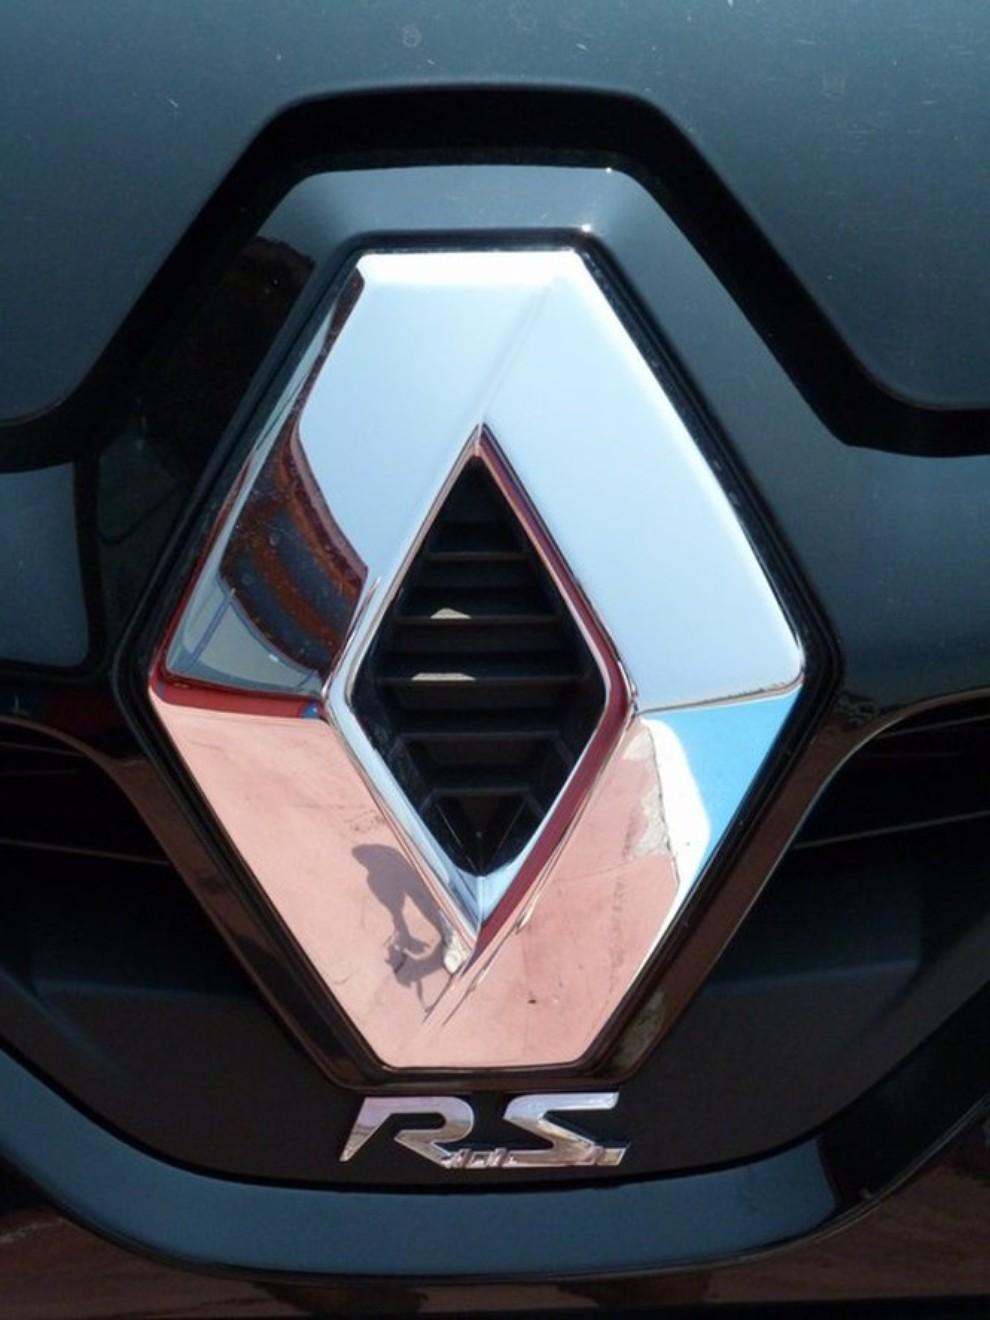 Renault Megane RS, l'auto giusta per divertirsi - Foto 1 di 19